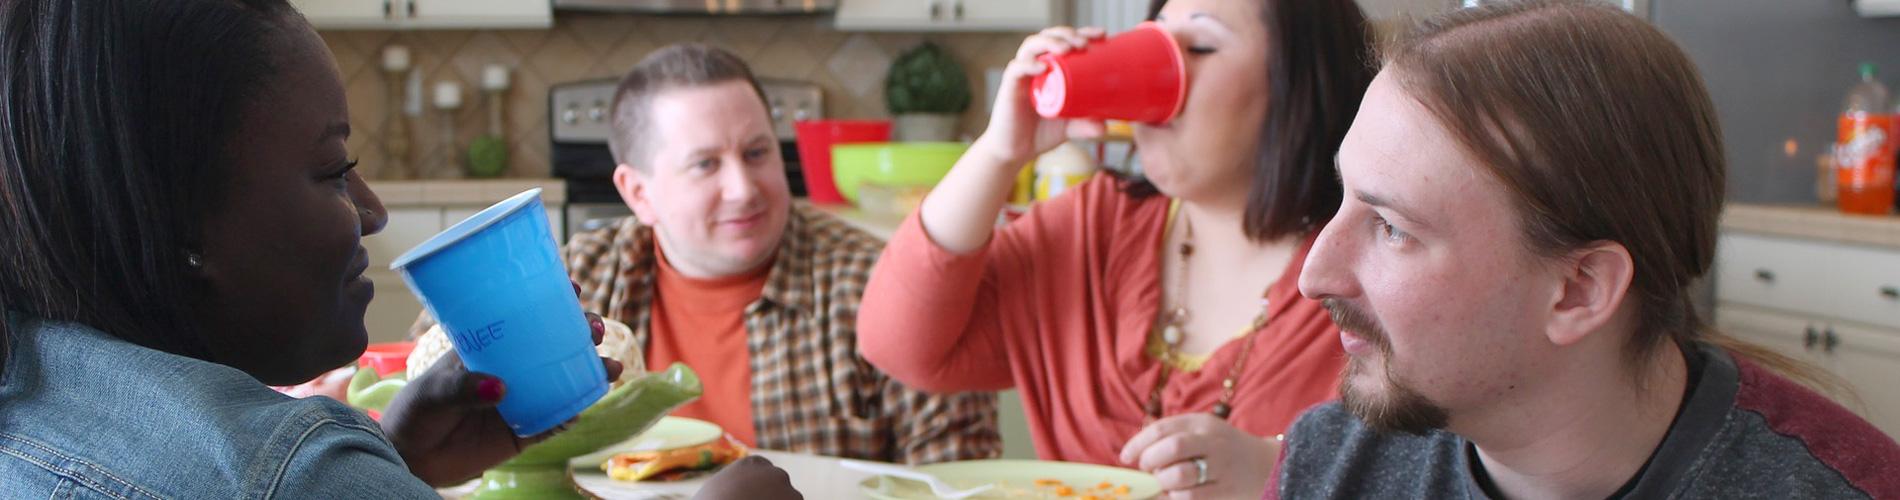 Vacature pedagogisch medewerker. Mensen die eten en praten.